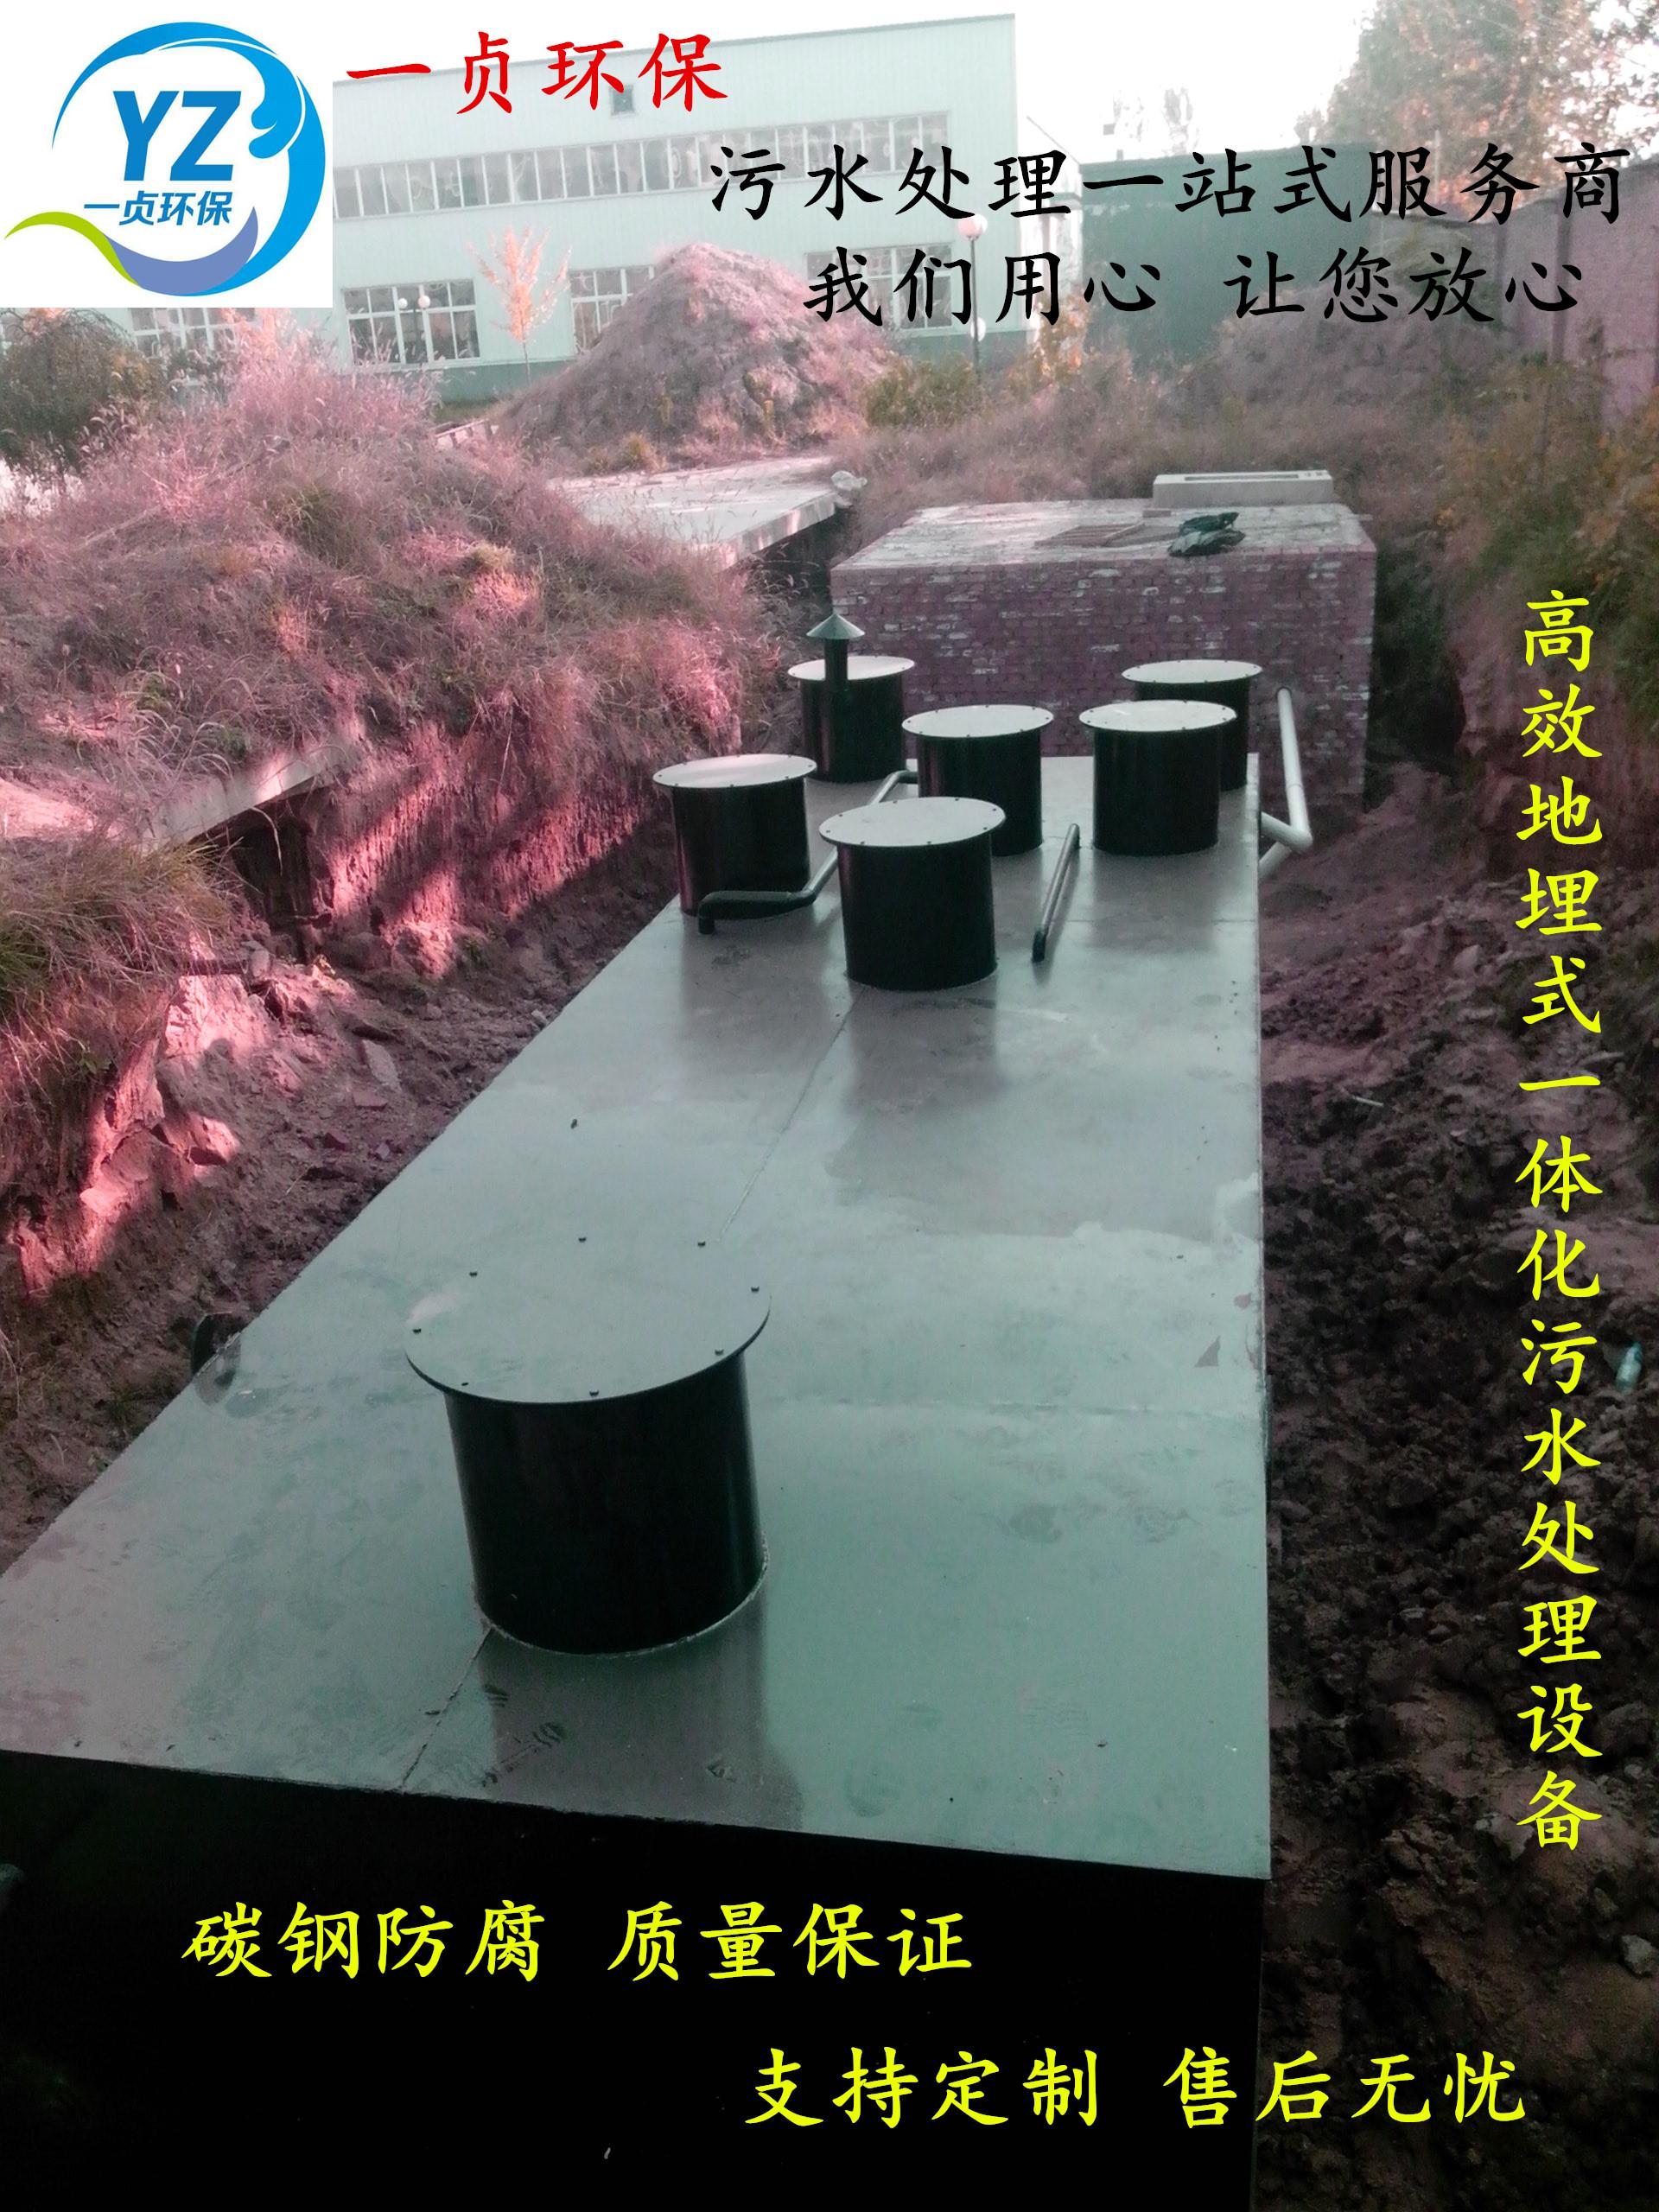 地埋式一体化污水处理设备50m3/h 医院污水处理 生活污水处理